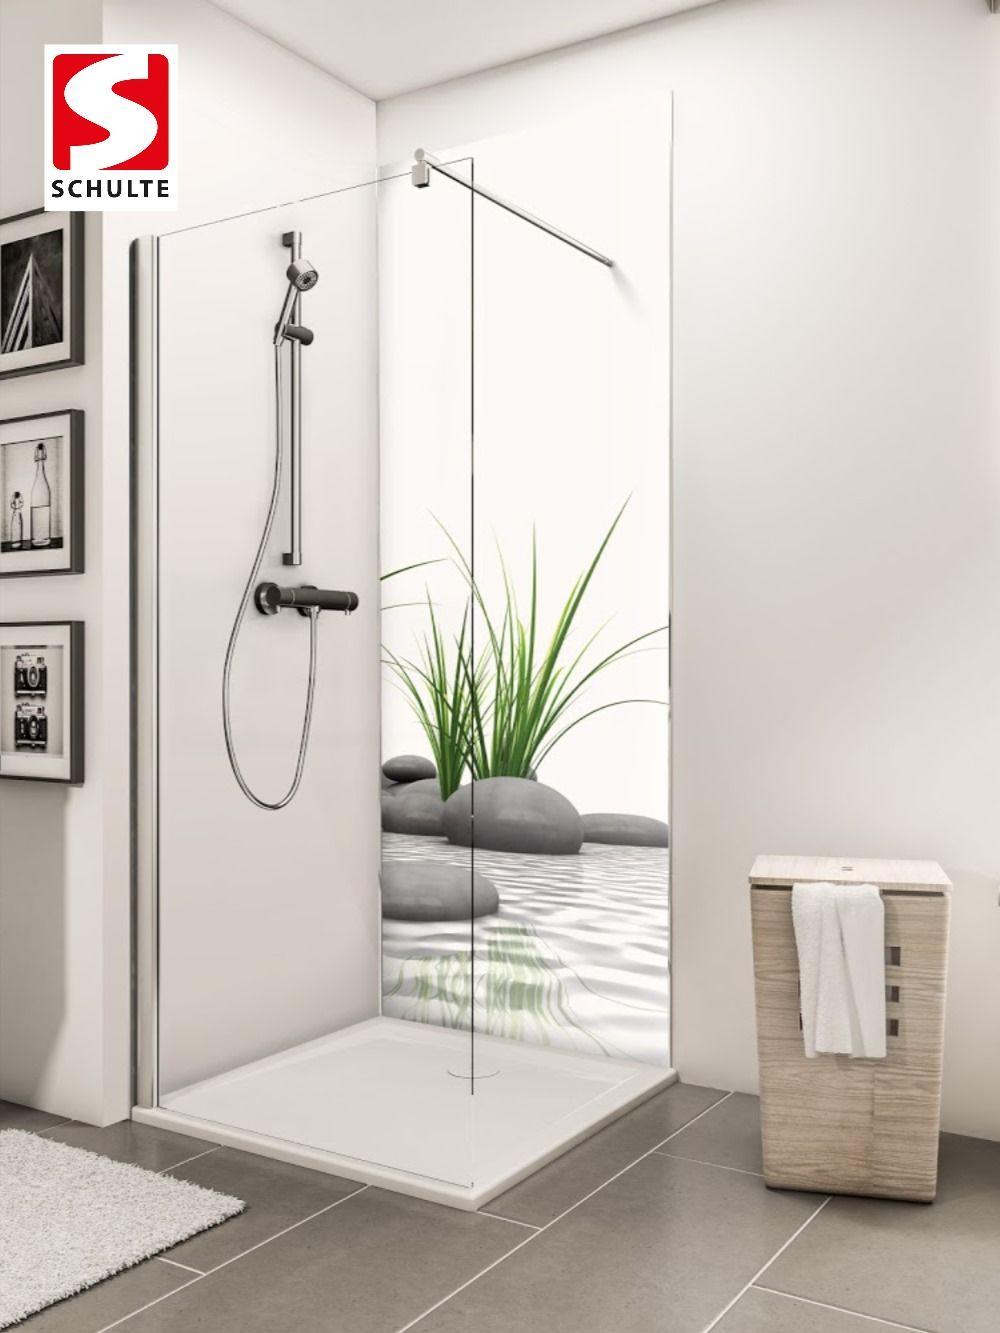 Schulte Duschruckwande Decodesign Foto Zen Steine Gras Paneel Wandverkleidung In 2020 Duschruckwand Badgestaltung Dusche